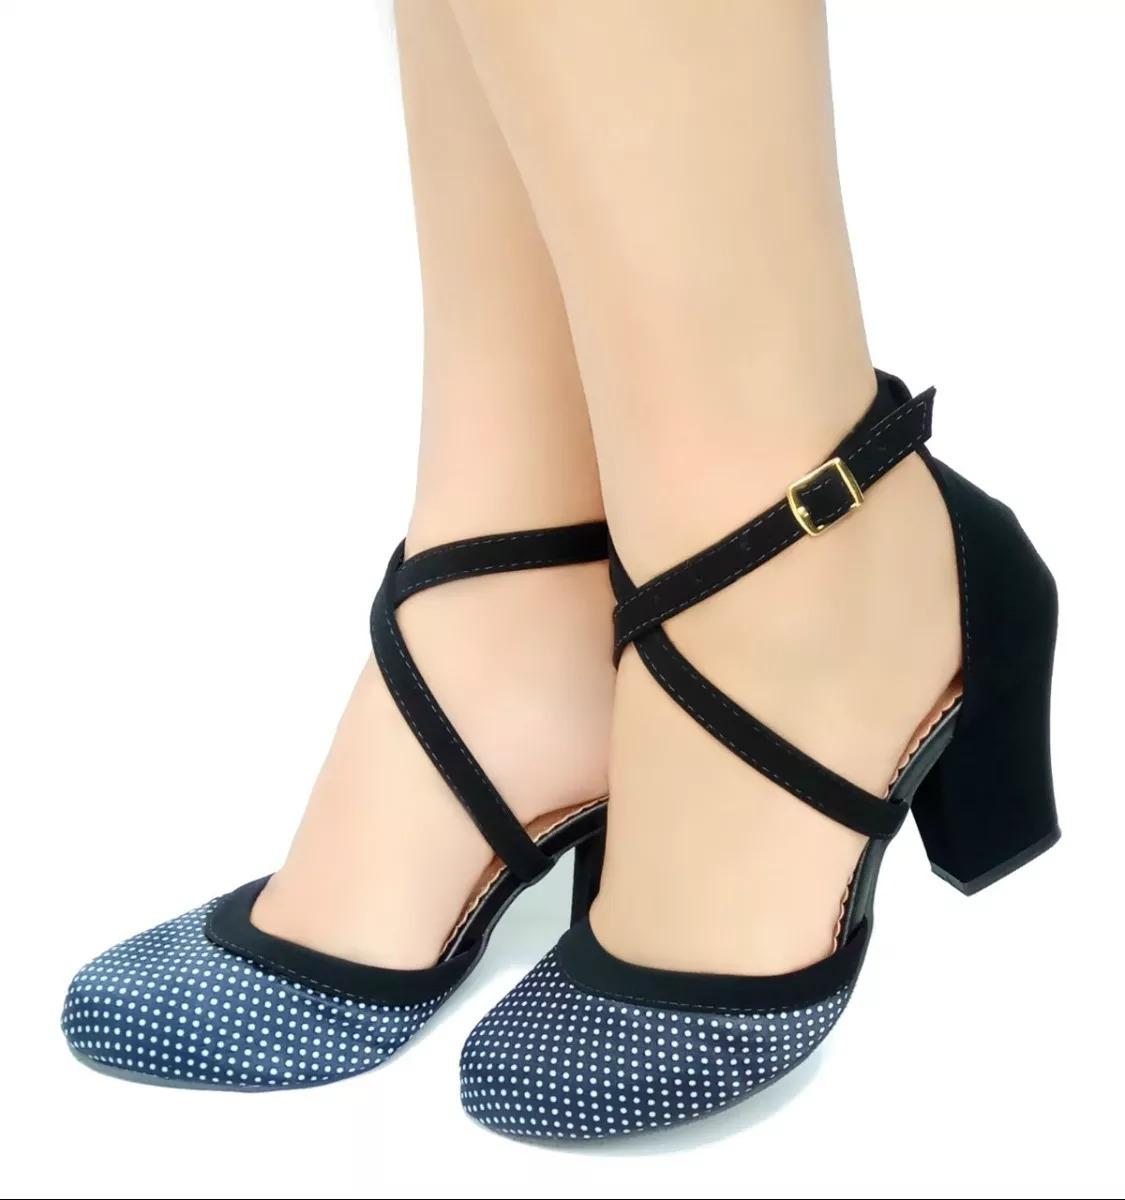 b3fecabbda lindo sapato feminino 42 salto alto sandália formatura top. Carregando zoom.